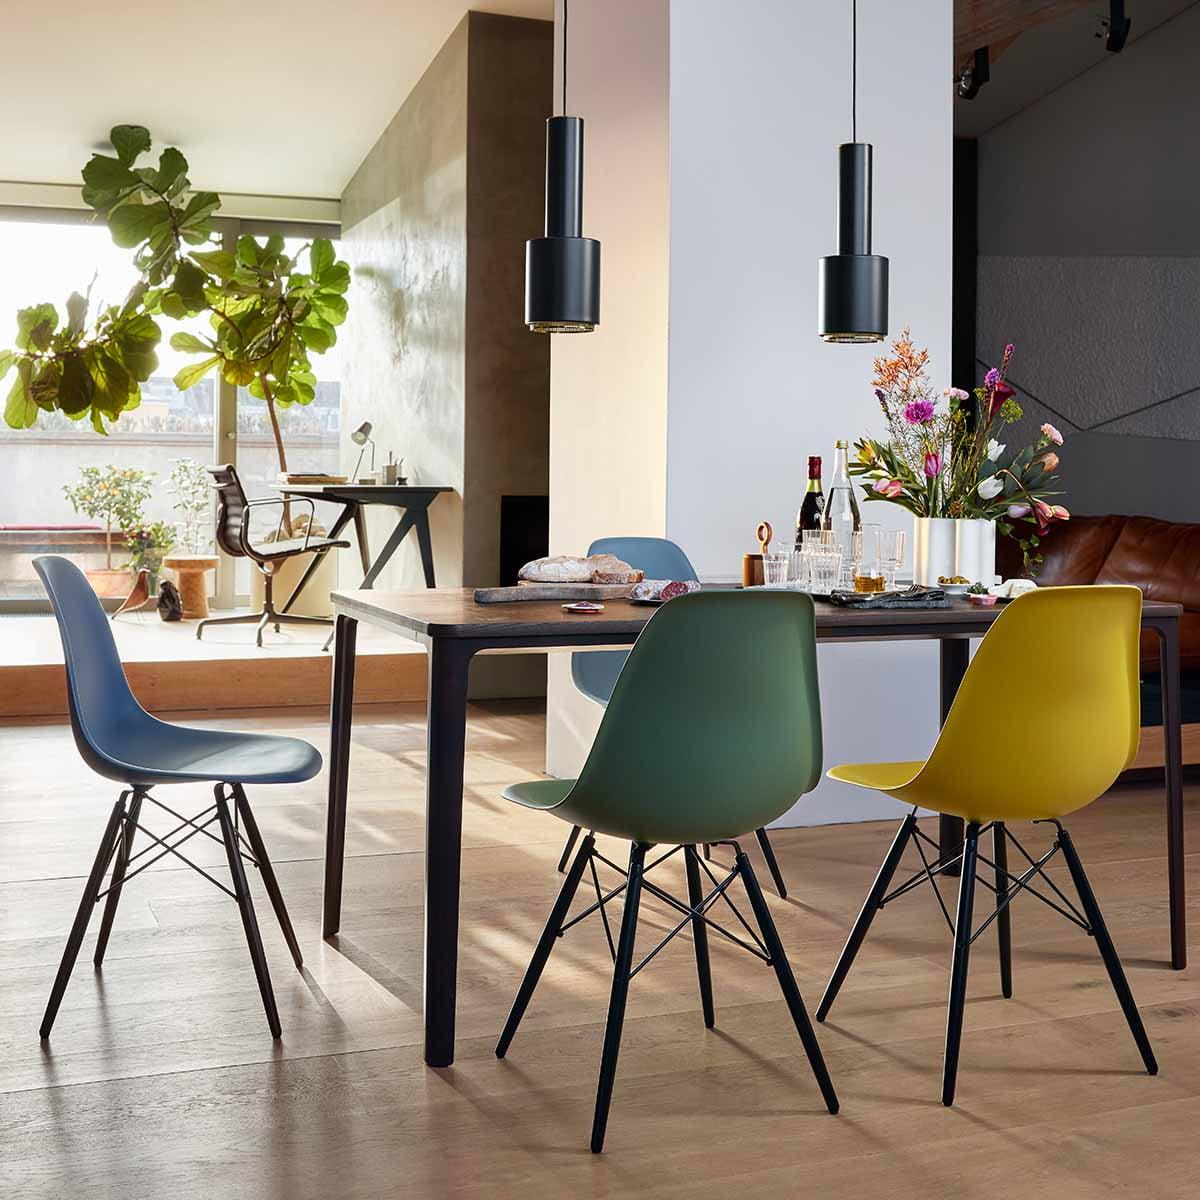 Chair DSRH cmchromé en noirsols blancpatins Side durs Plastic feutre Vitra Eames 43 qMVzpUGjLS